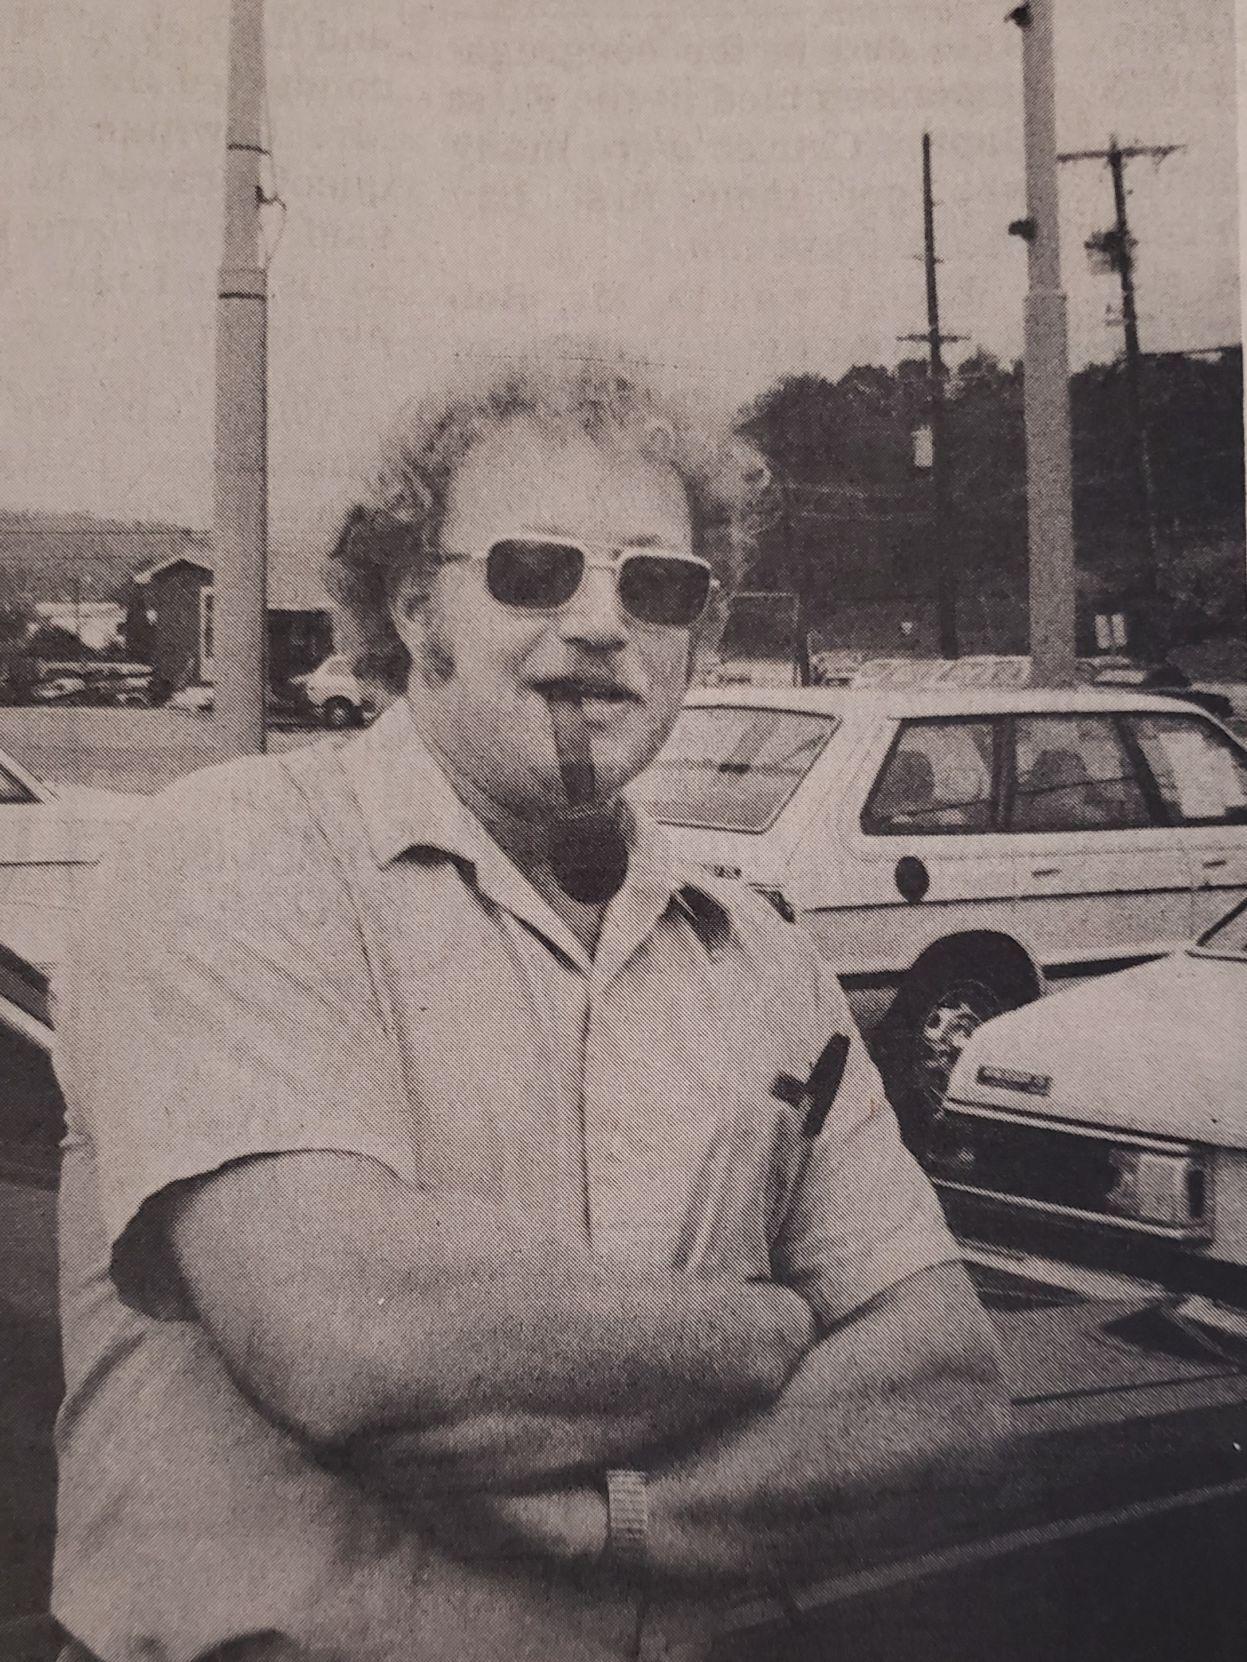 Larry Cone 1981